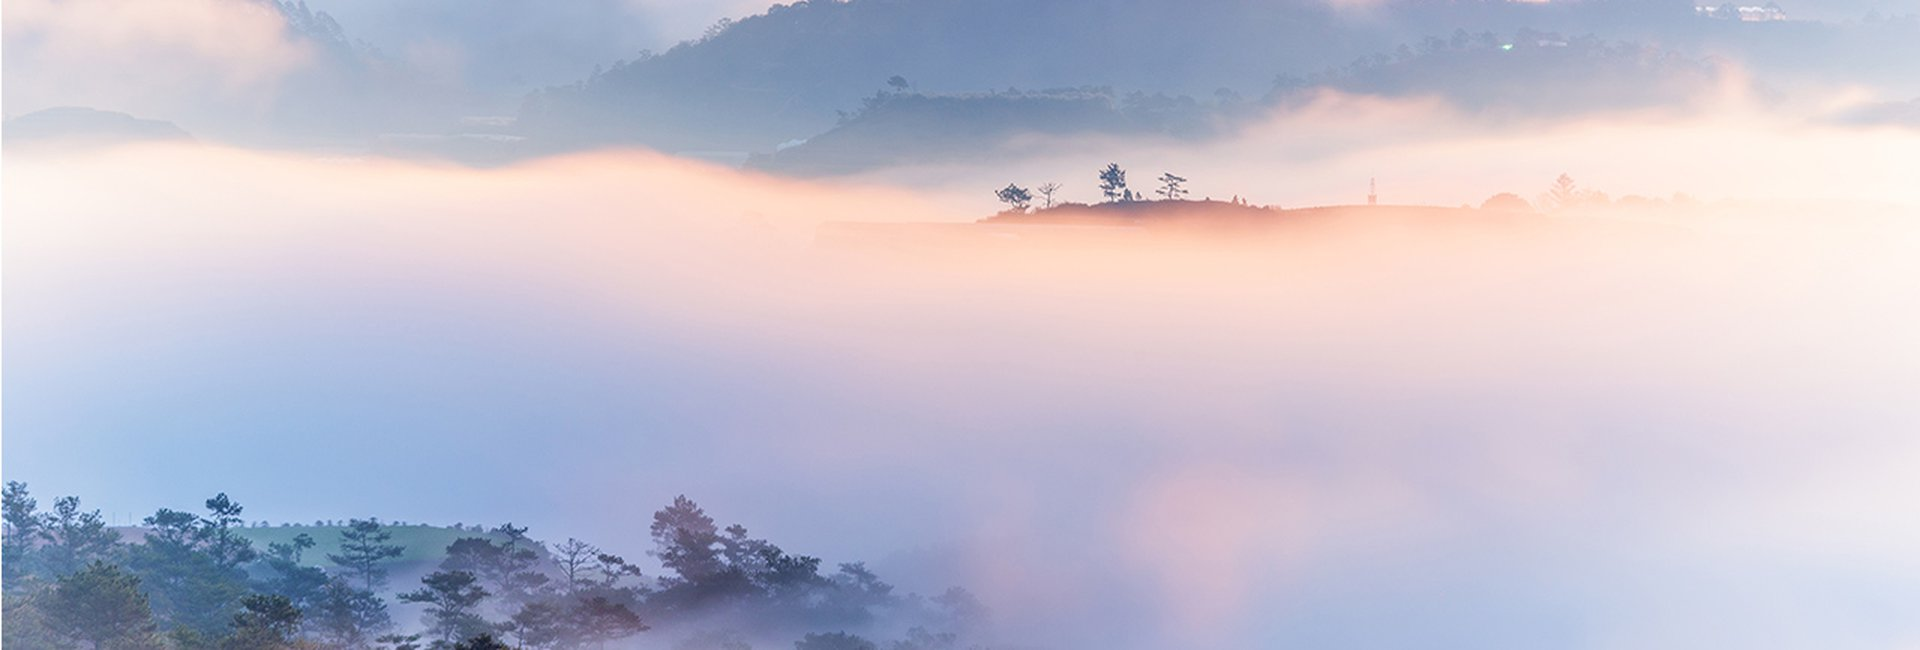 Khám phá vẻ đẹp đồi Mộng Mơ, thành phố Đà Lạt